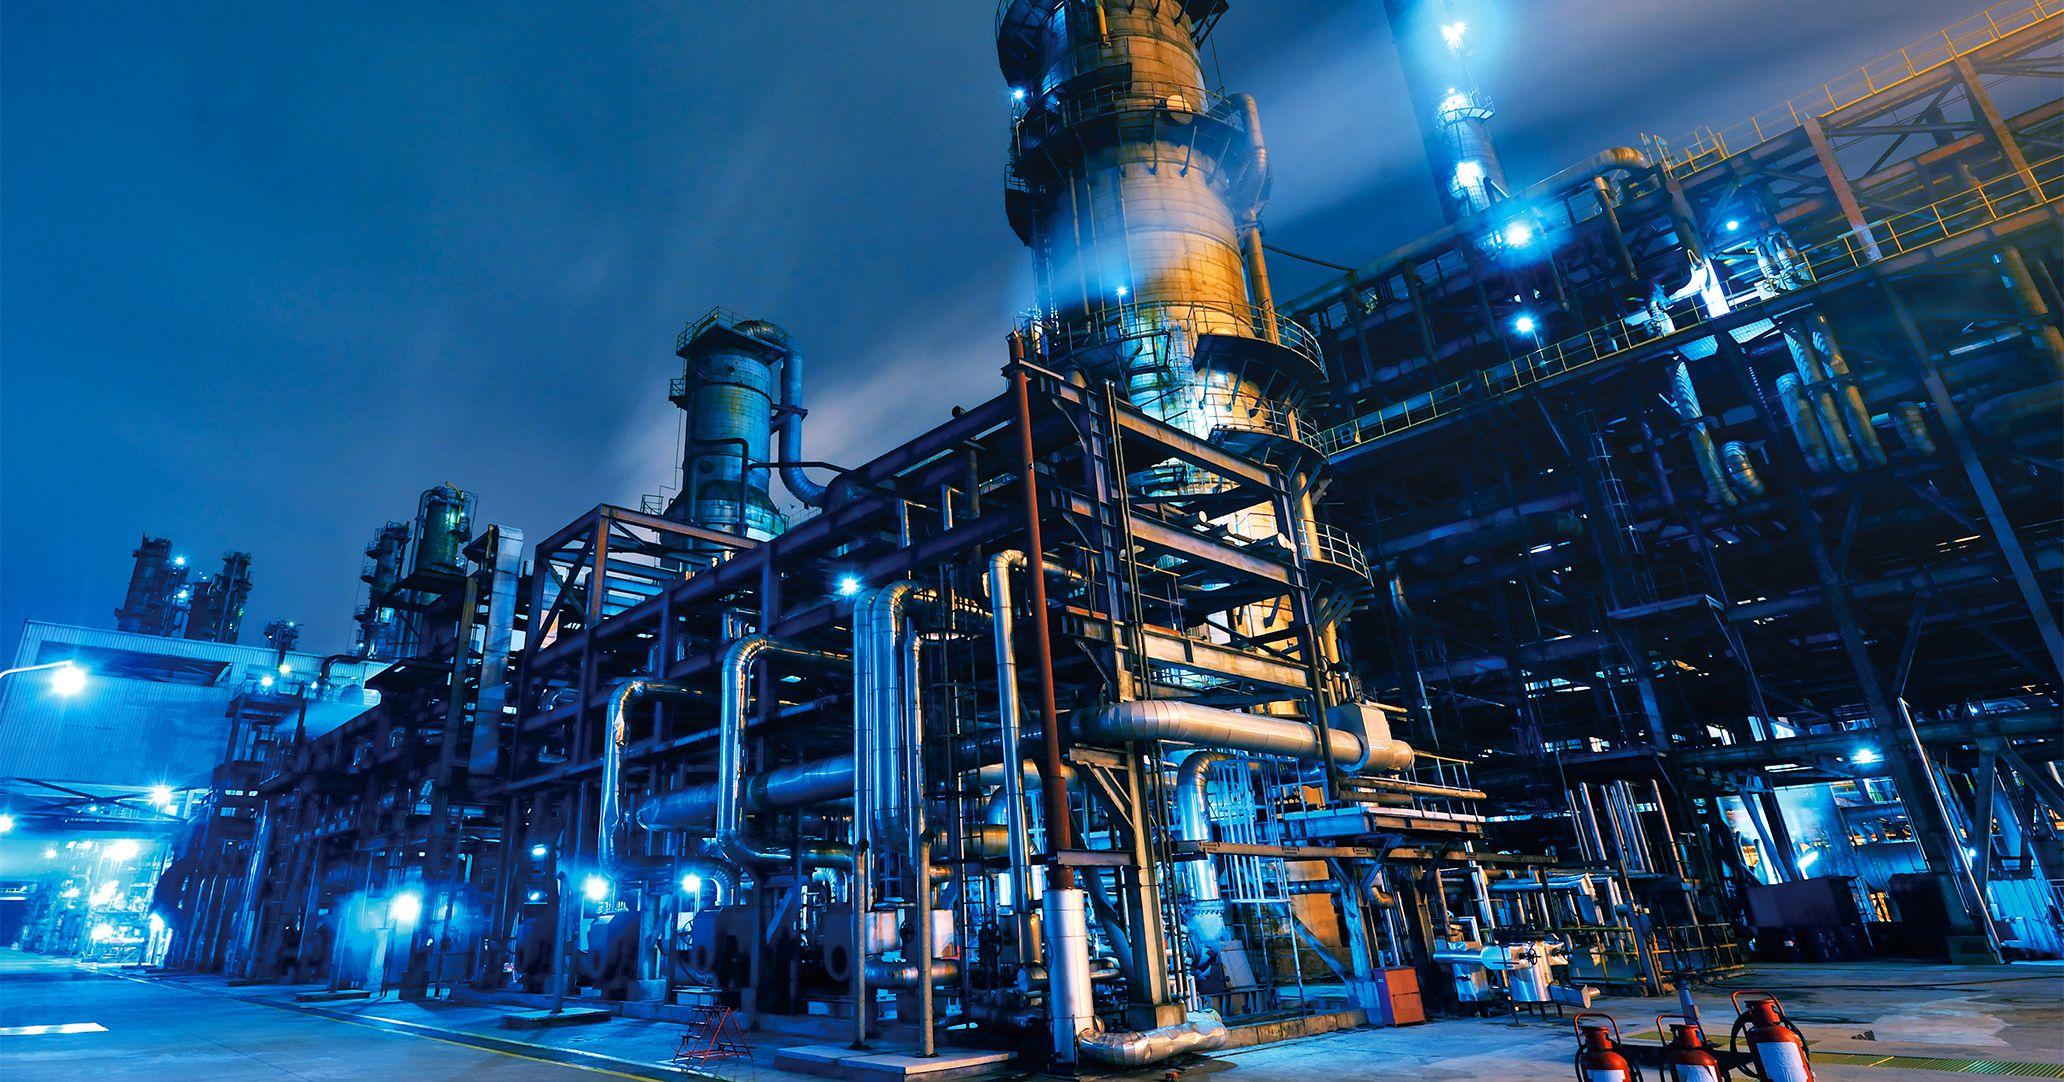 مدارک و شرایط اخذ رتبه 3 مشاور نفت و گاز